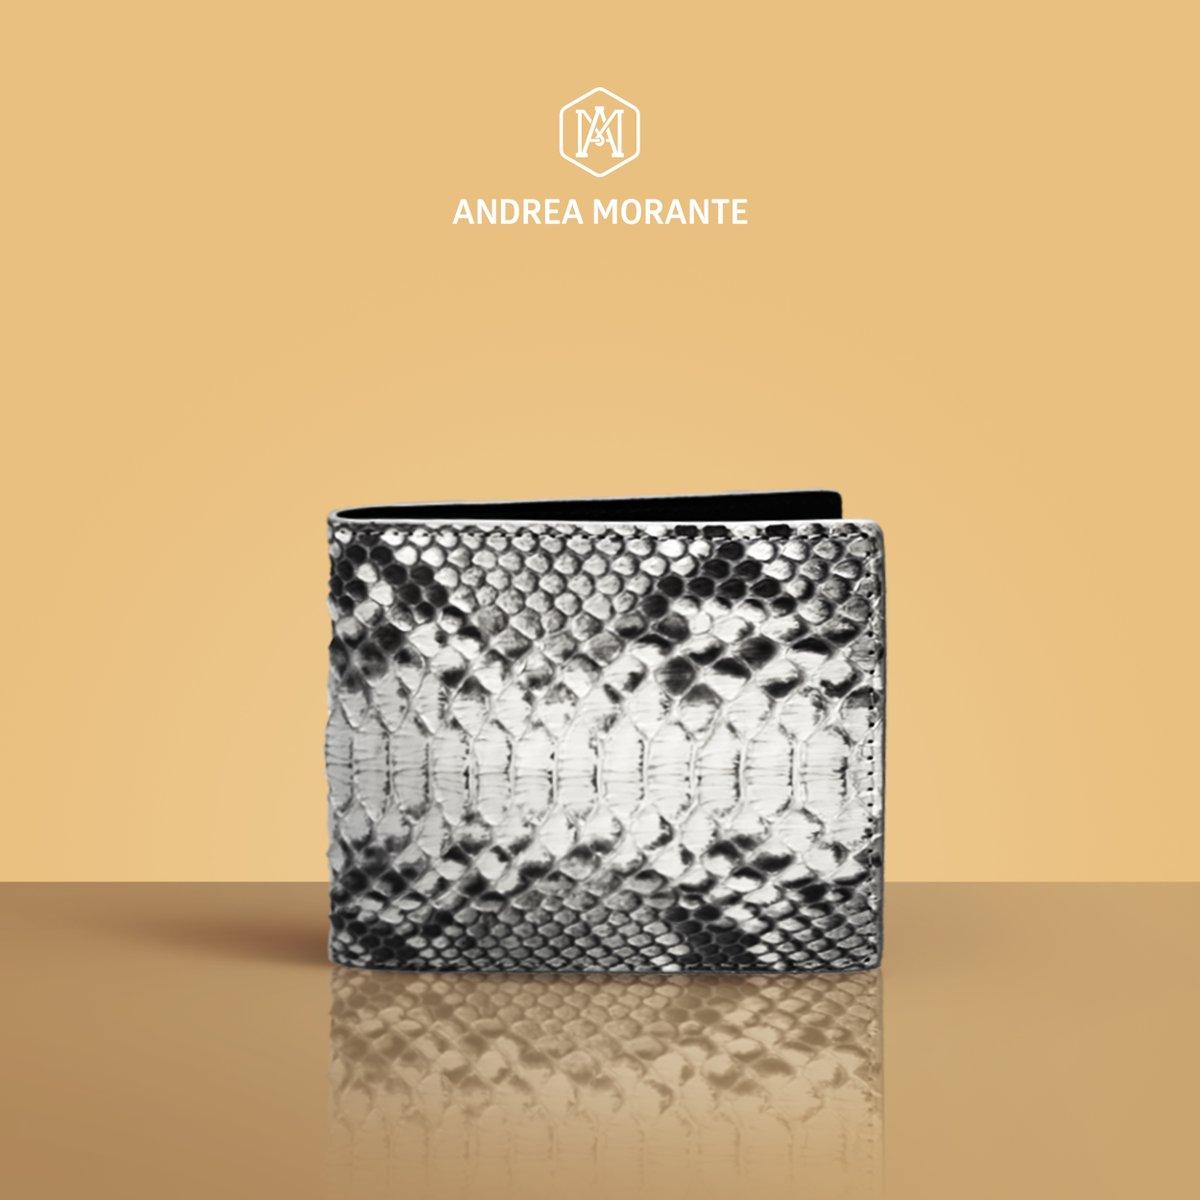 Cover Iphone 11 Pro Max in pelle di Pitone - Andrea Morante ®️